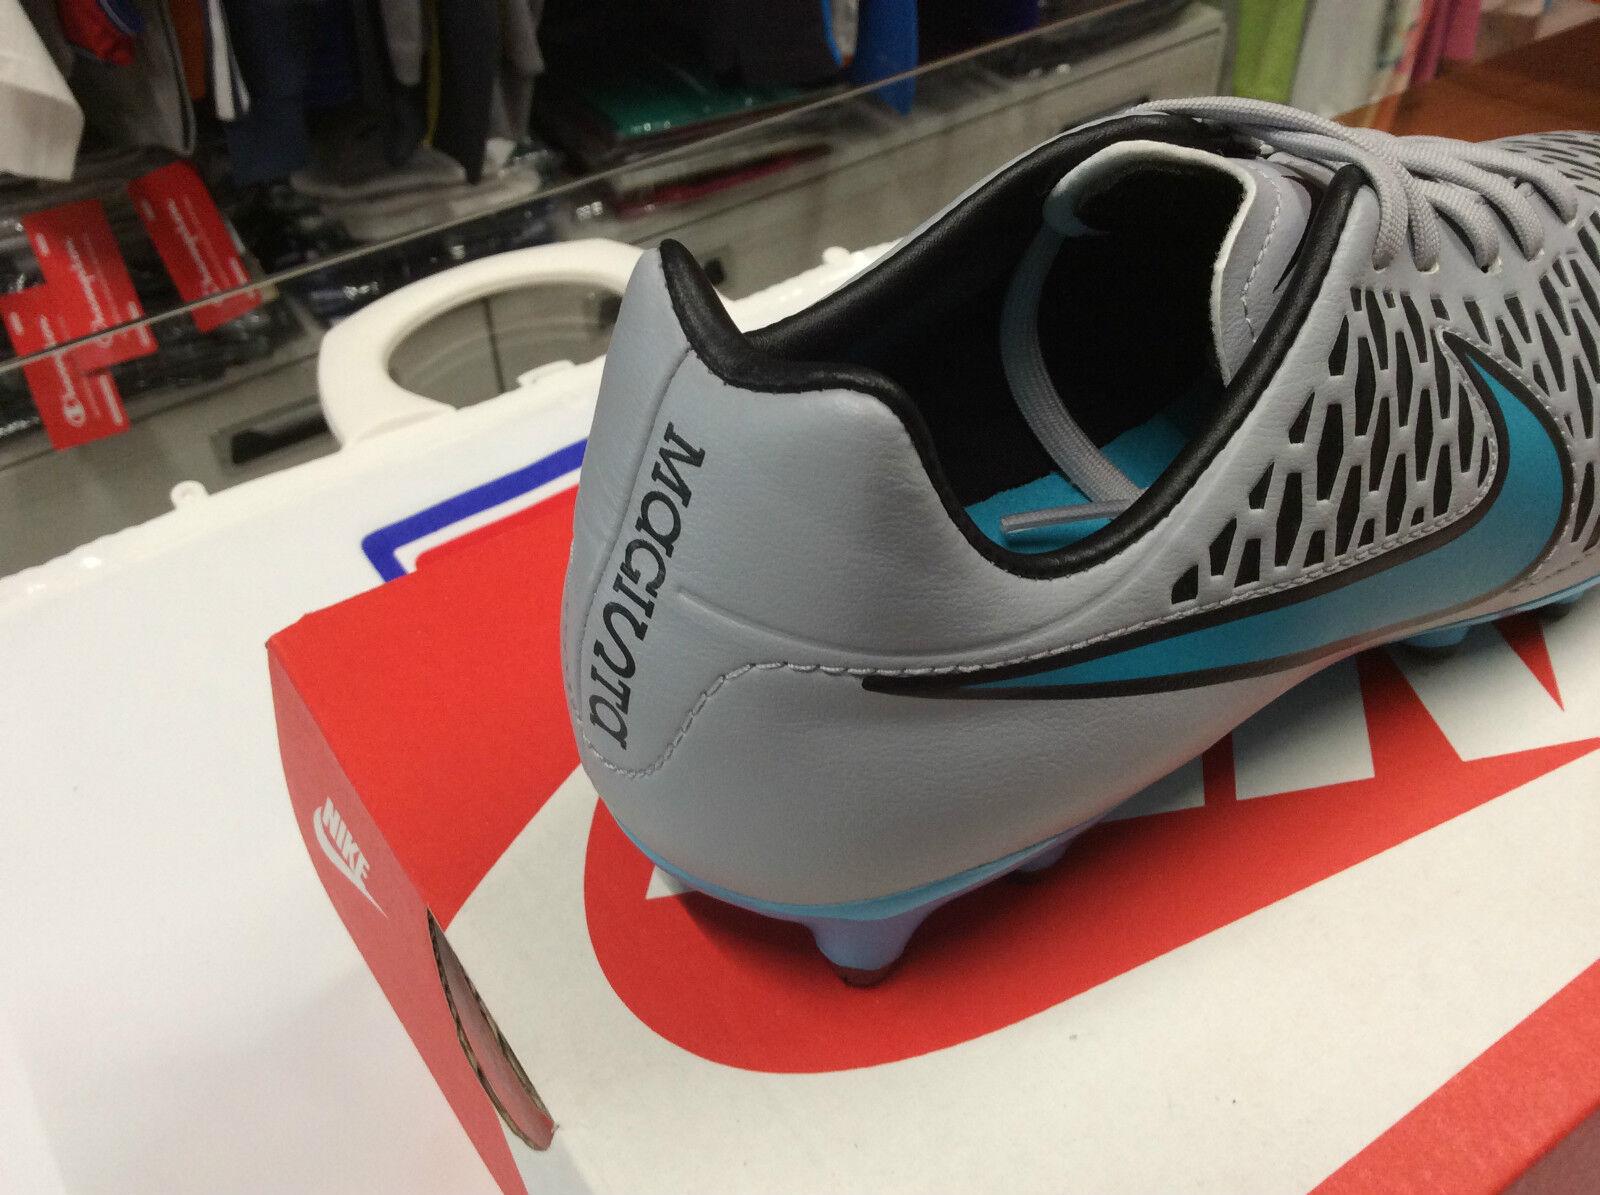 chaussure homme fußball nike magista crampons onda fg kunst.651543-040 13 crampons magista korrekturen 956691